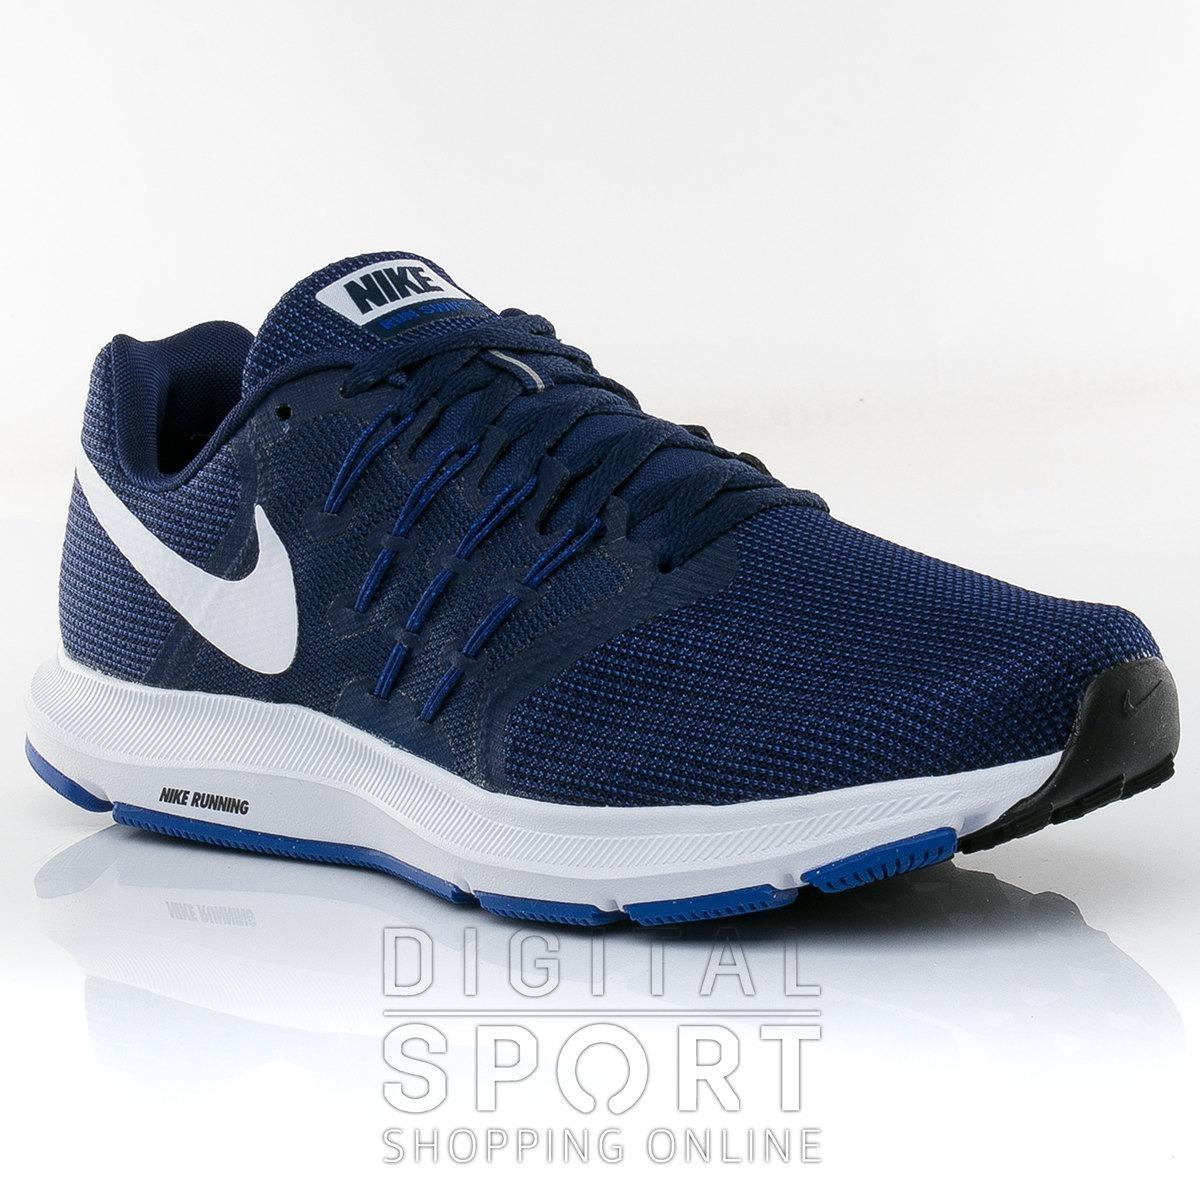 official photos 2d043 89539 zapatillas nike para hombre de running. Cargando zoom.